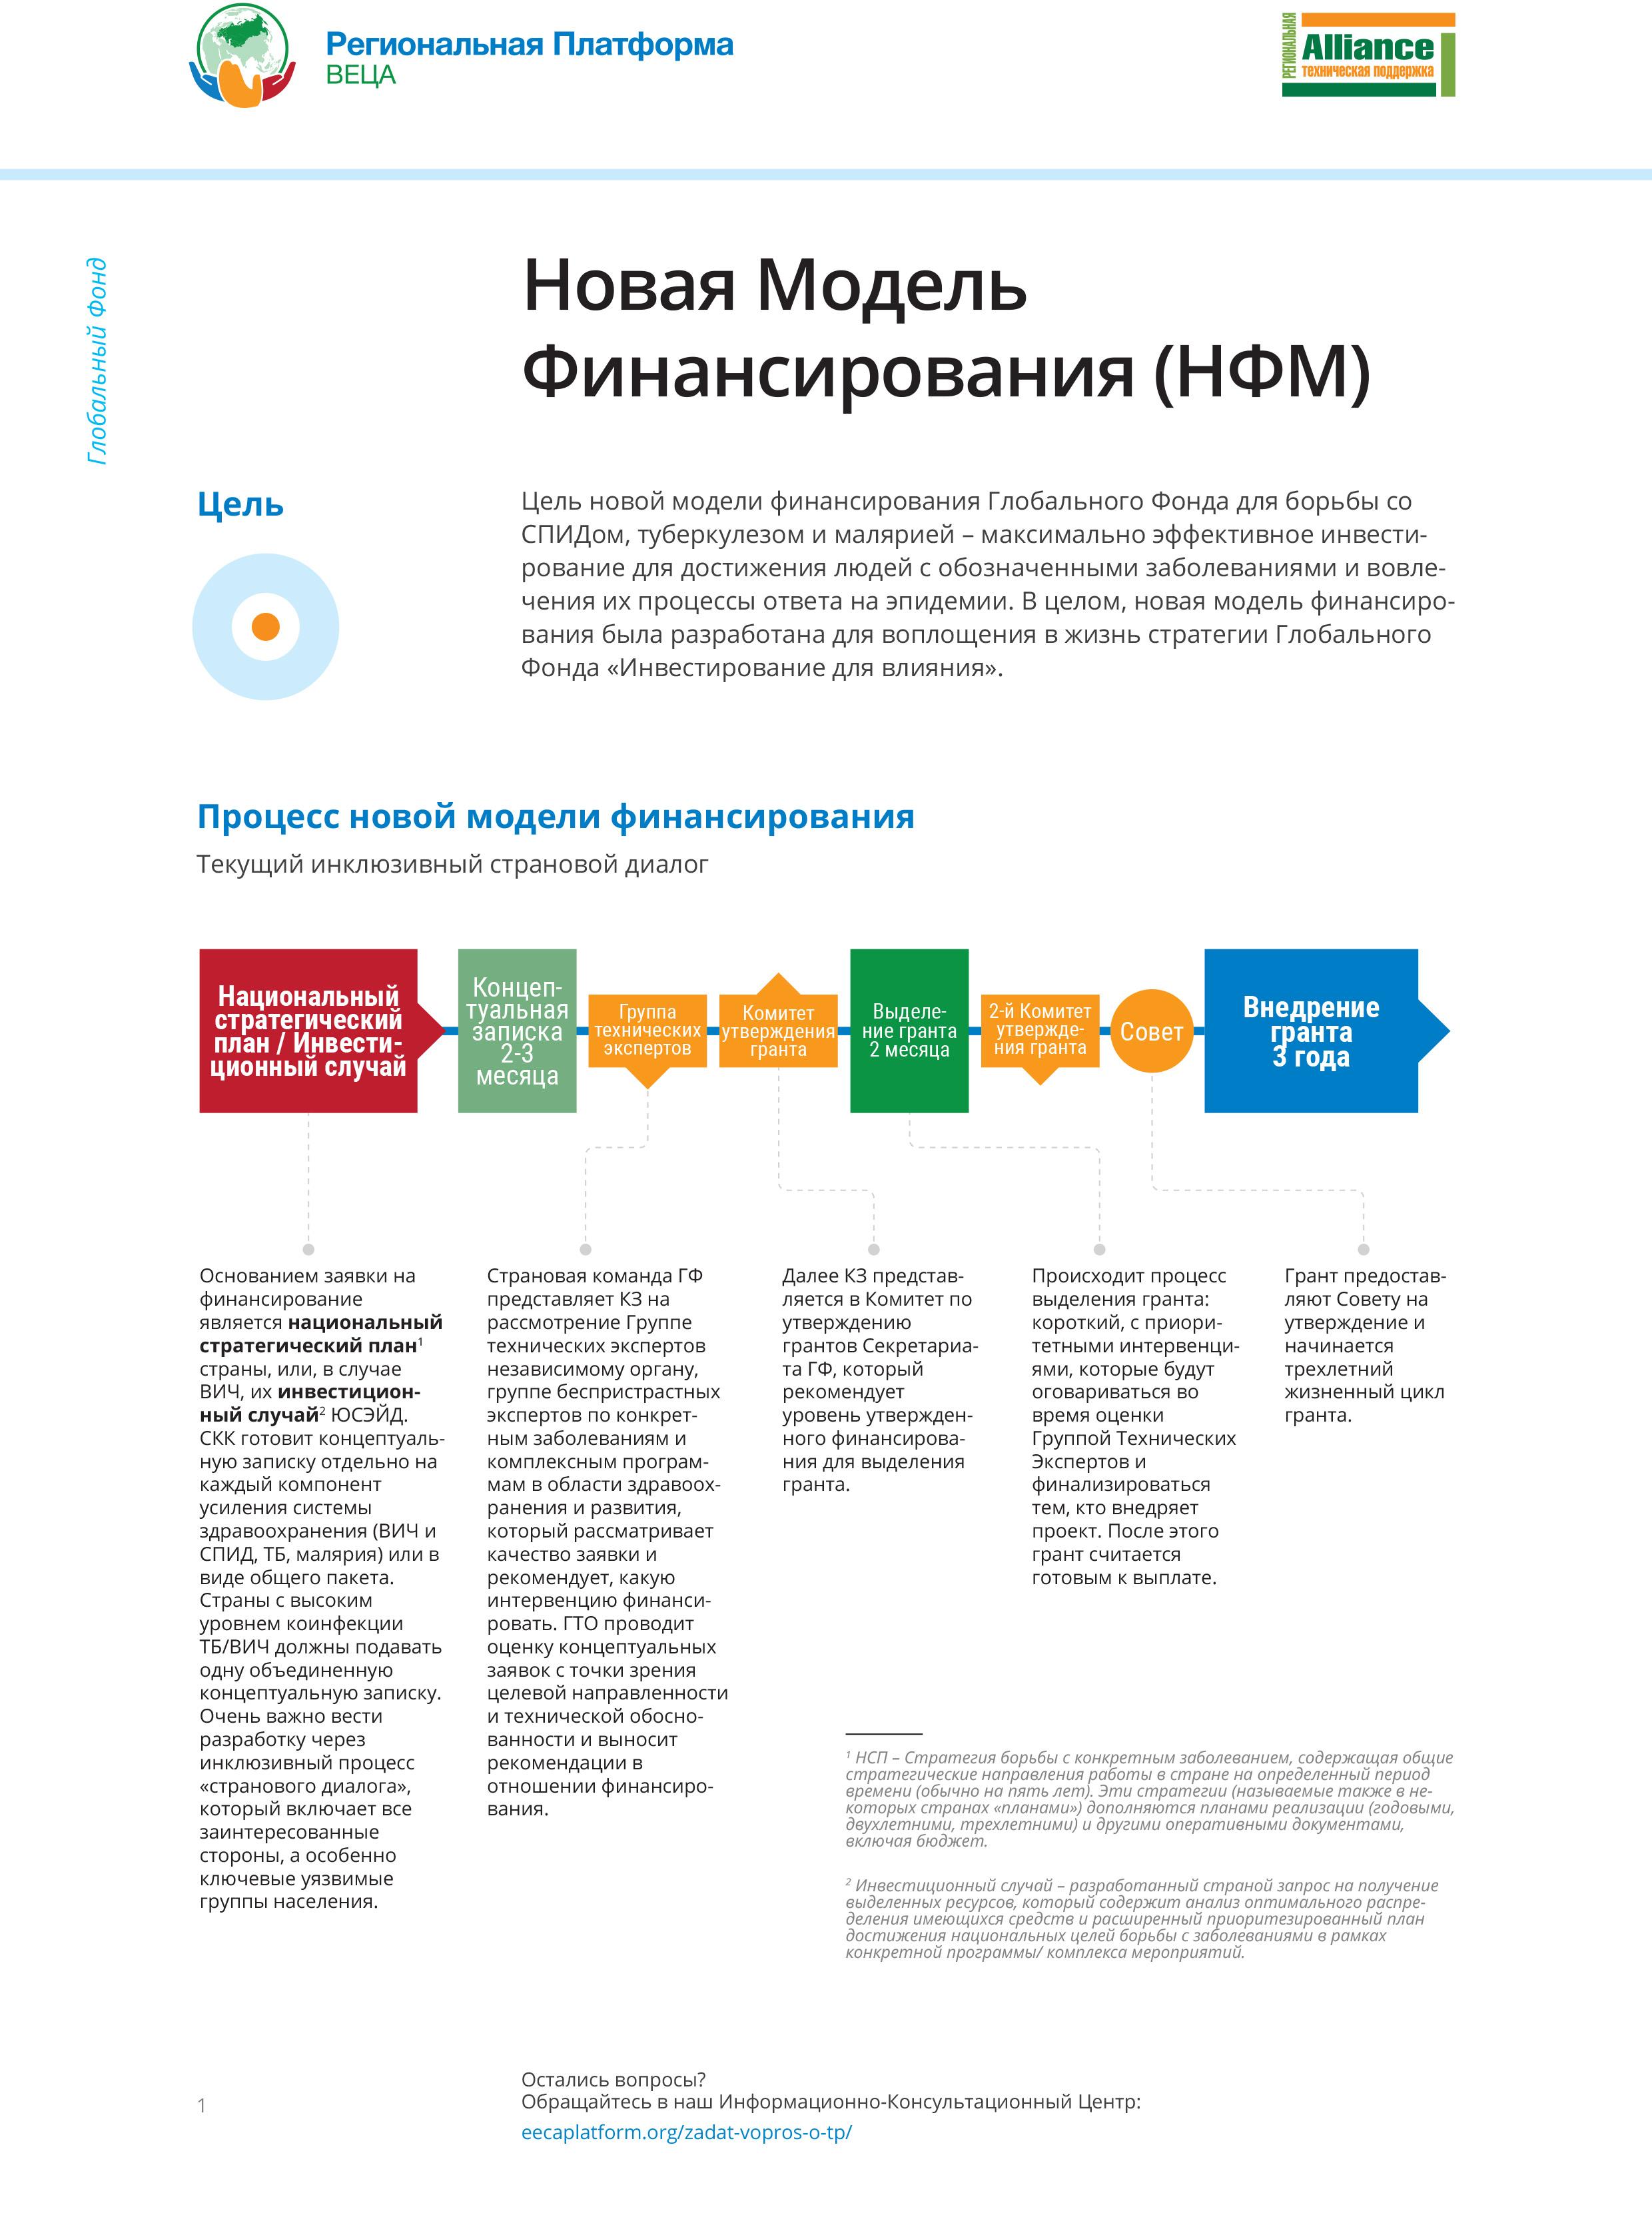 RP_public_NMF_rus_02-2-1